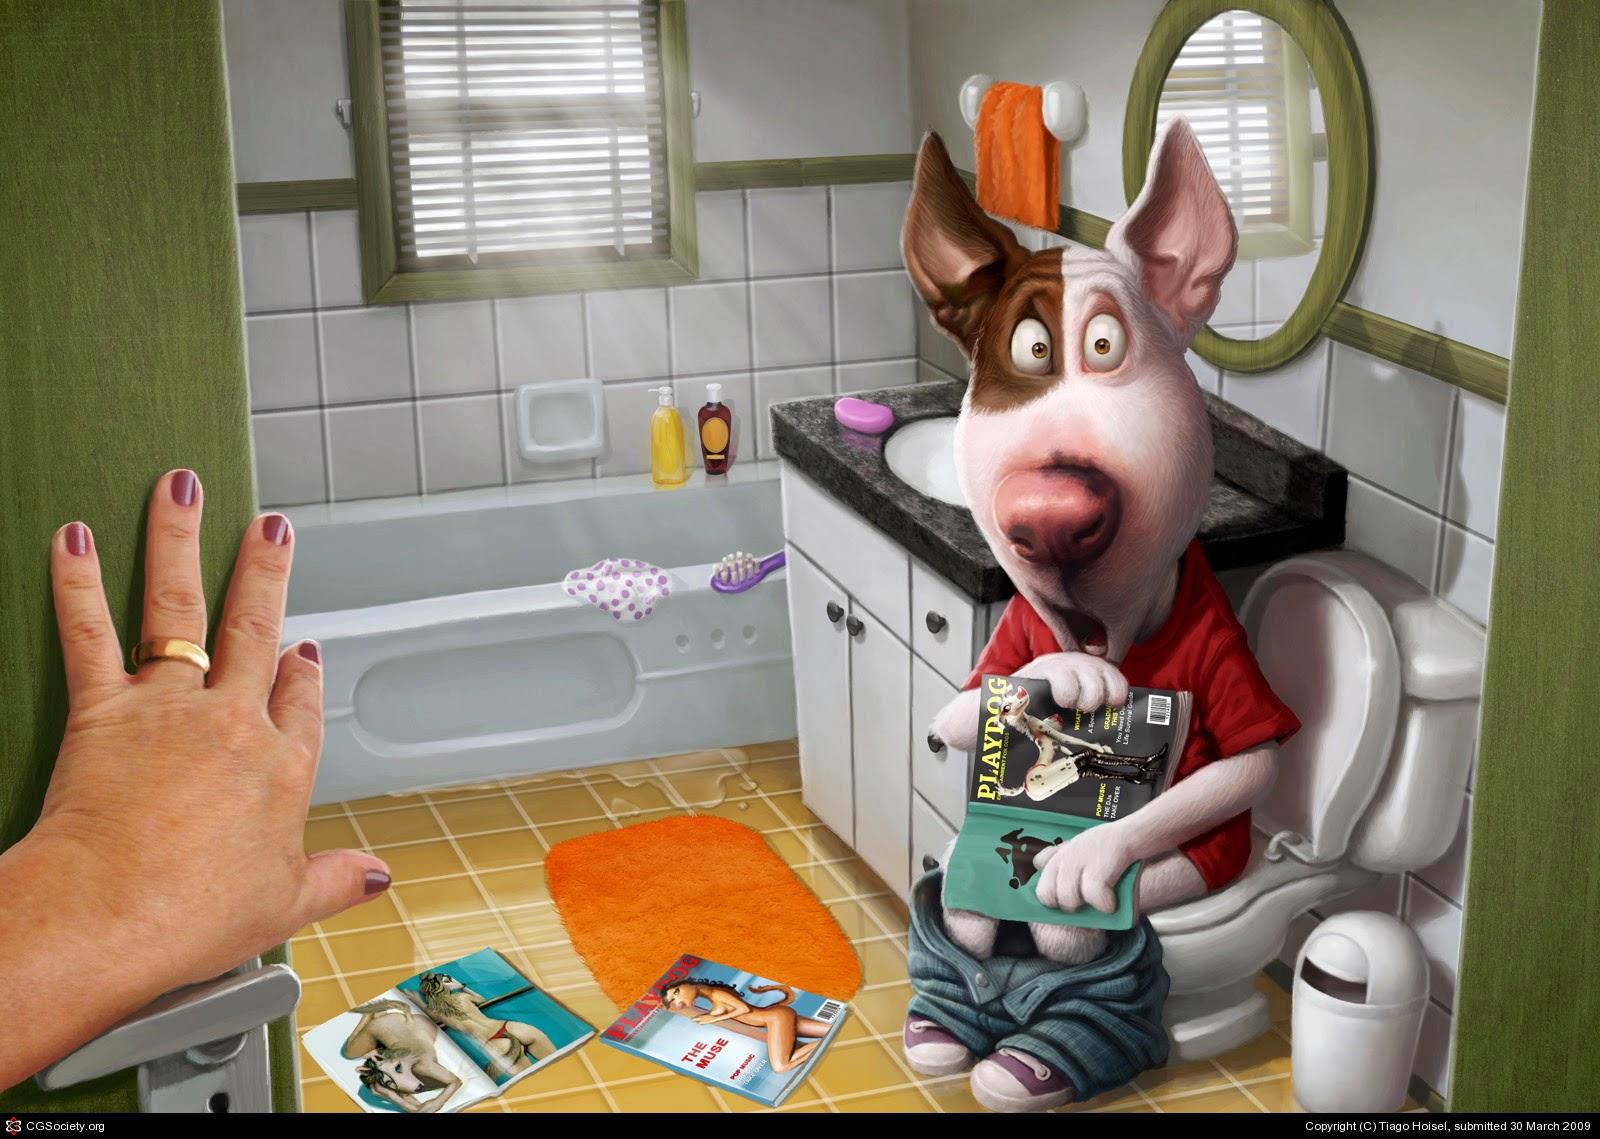 illustration de Tiago Hoisel représentant une personnage chien surpris aux toilettes avec des playdog